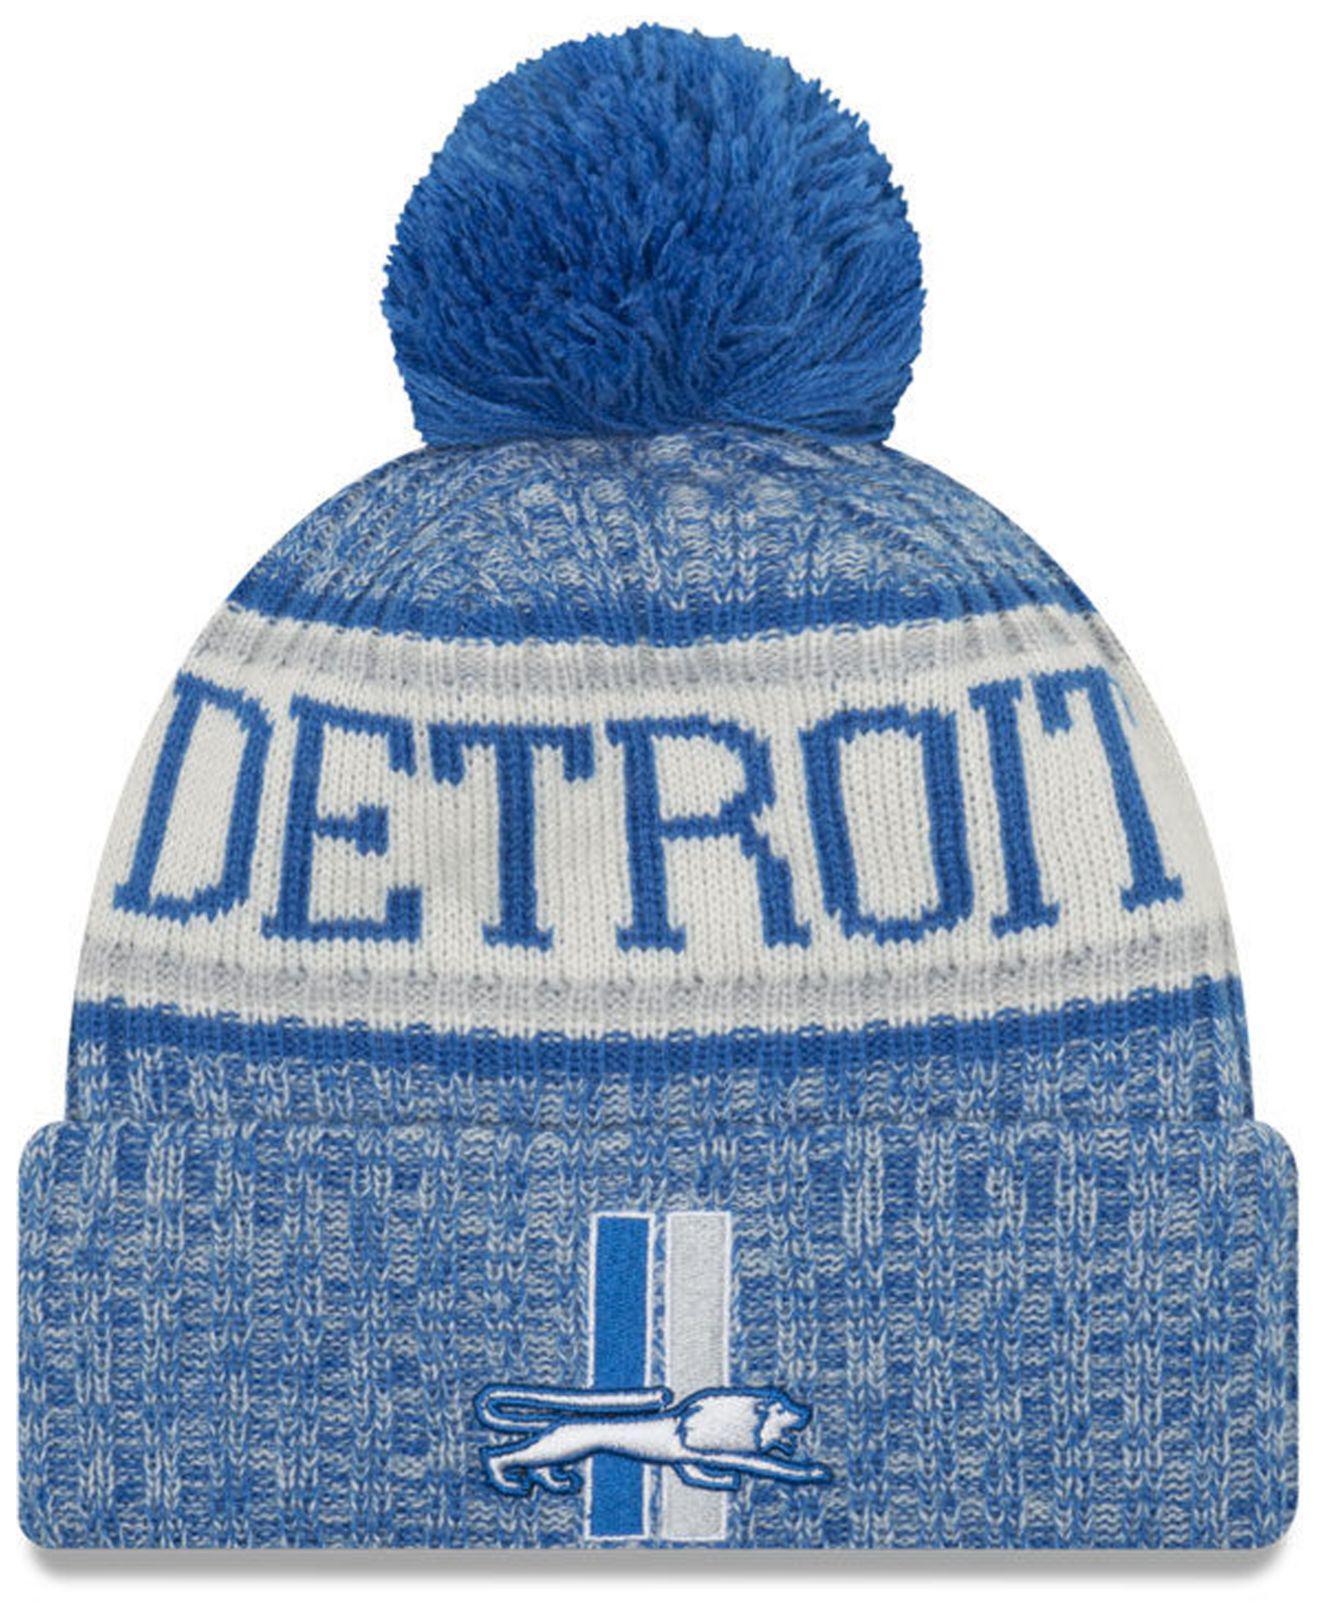 52fa7eee26283 Lyst - Ktz Detroit Lions Sport Knit Hat in Blue